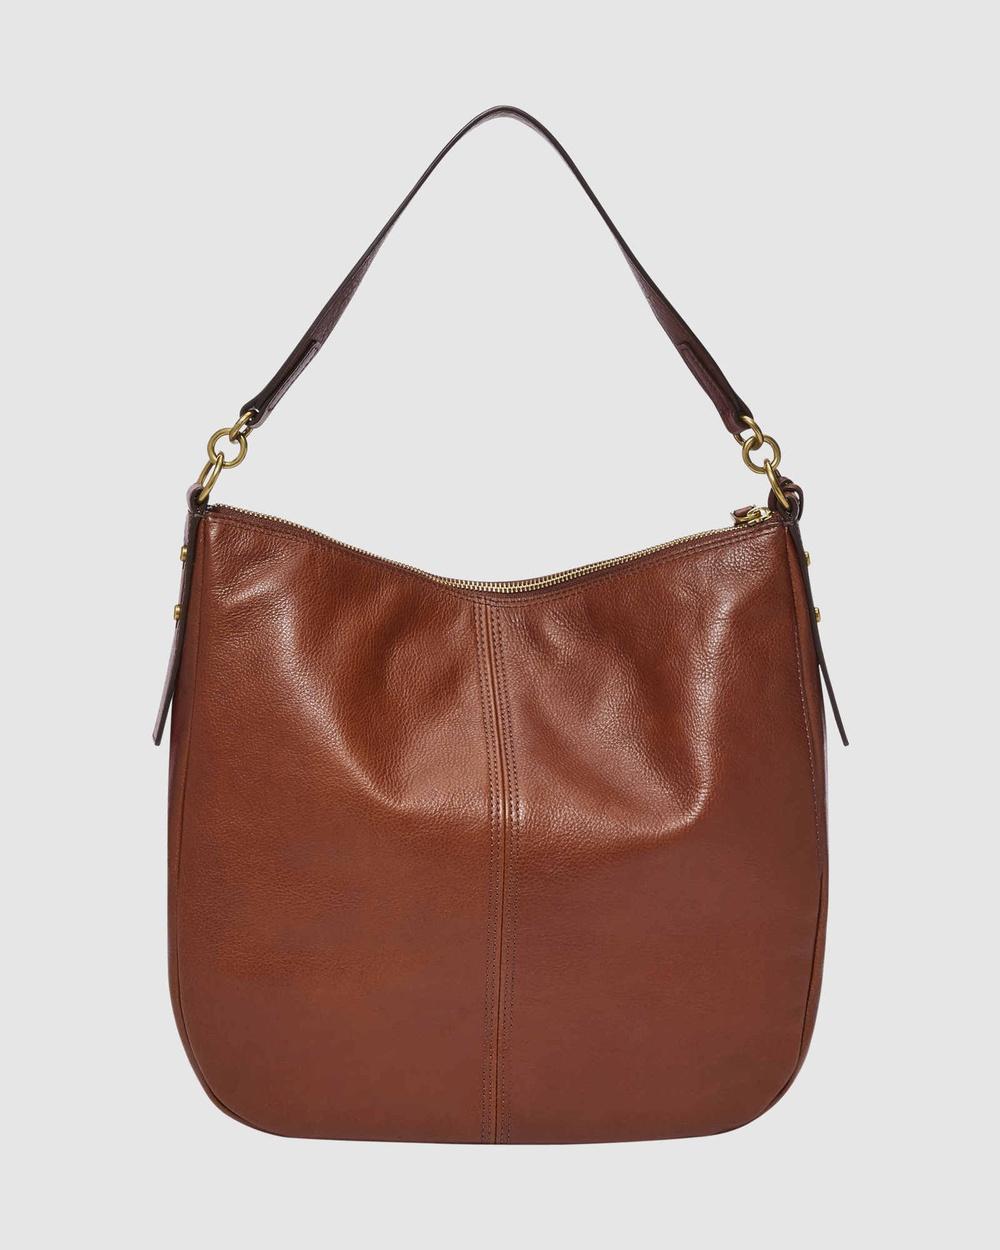 Fossil Jolie Brown Hobo Bag Bags Brown